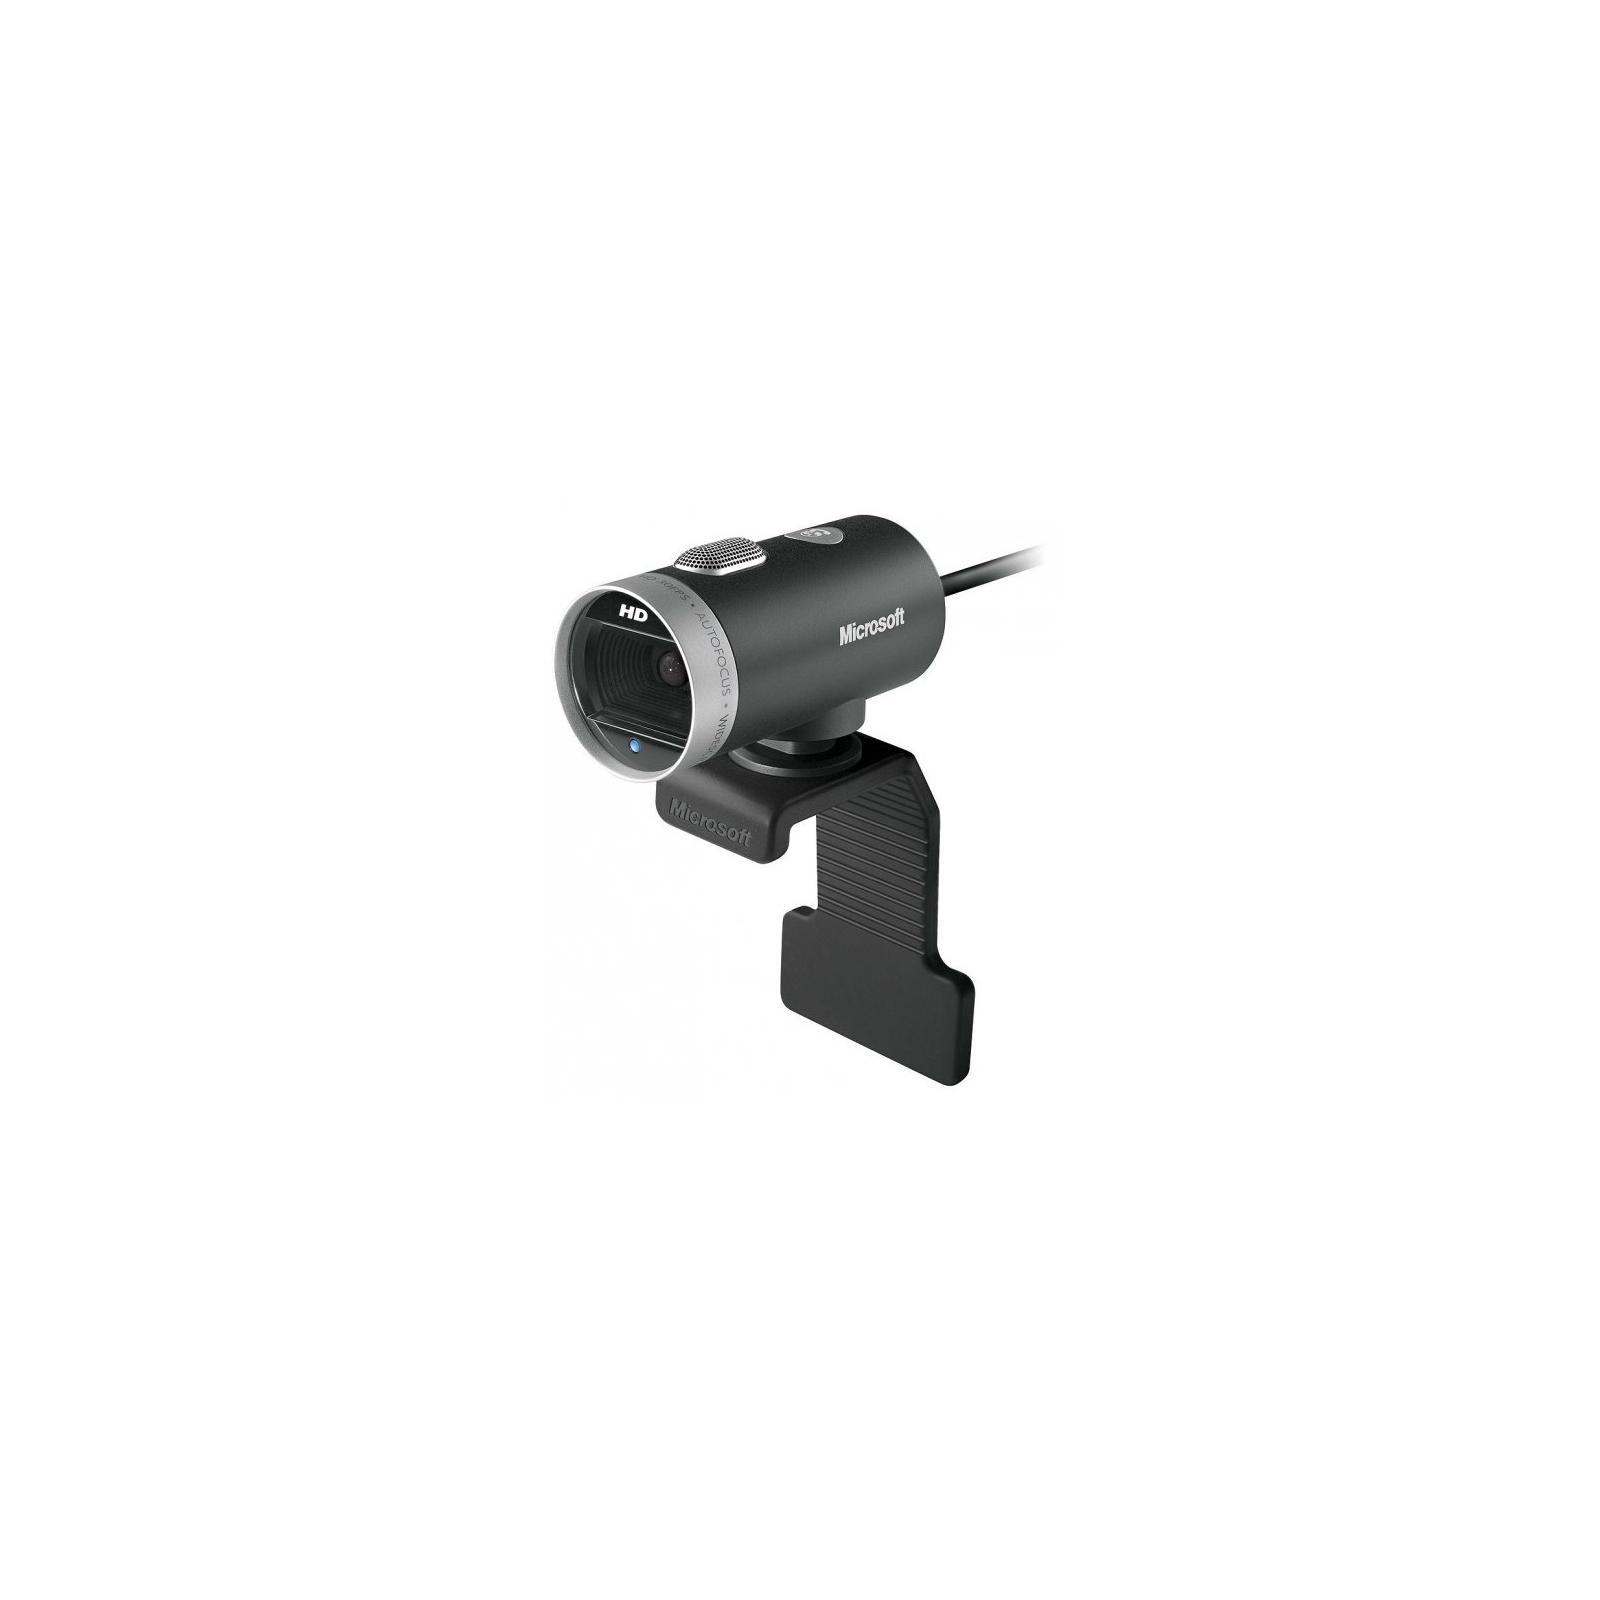 Веб-камера Microsoft LifeCam Cinema (H5D-00015) изображение 3